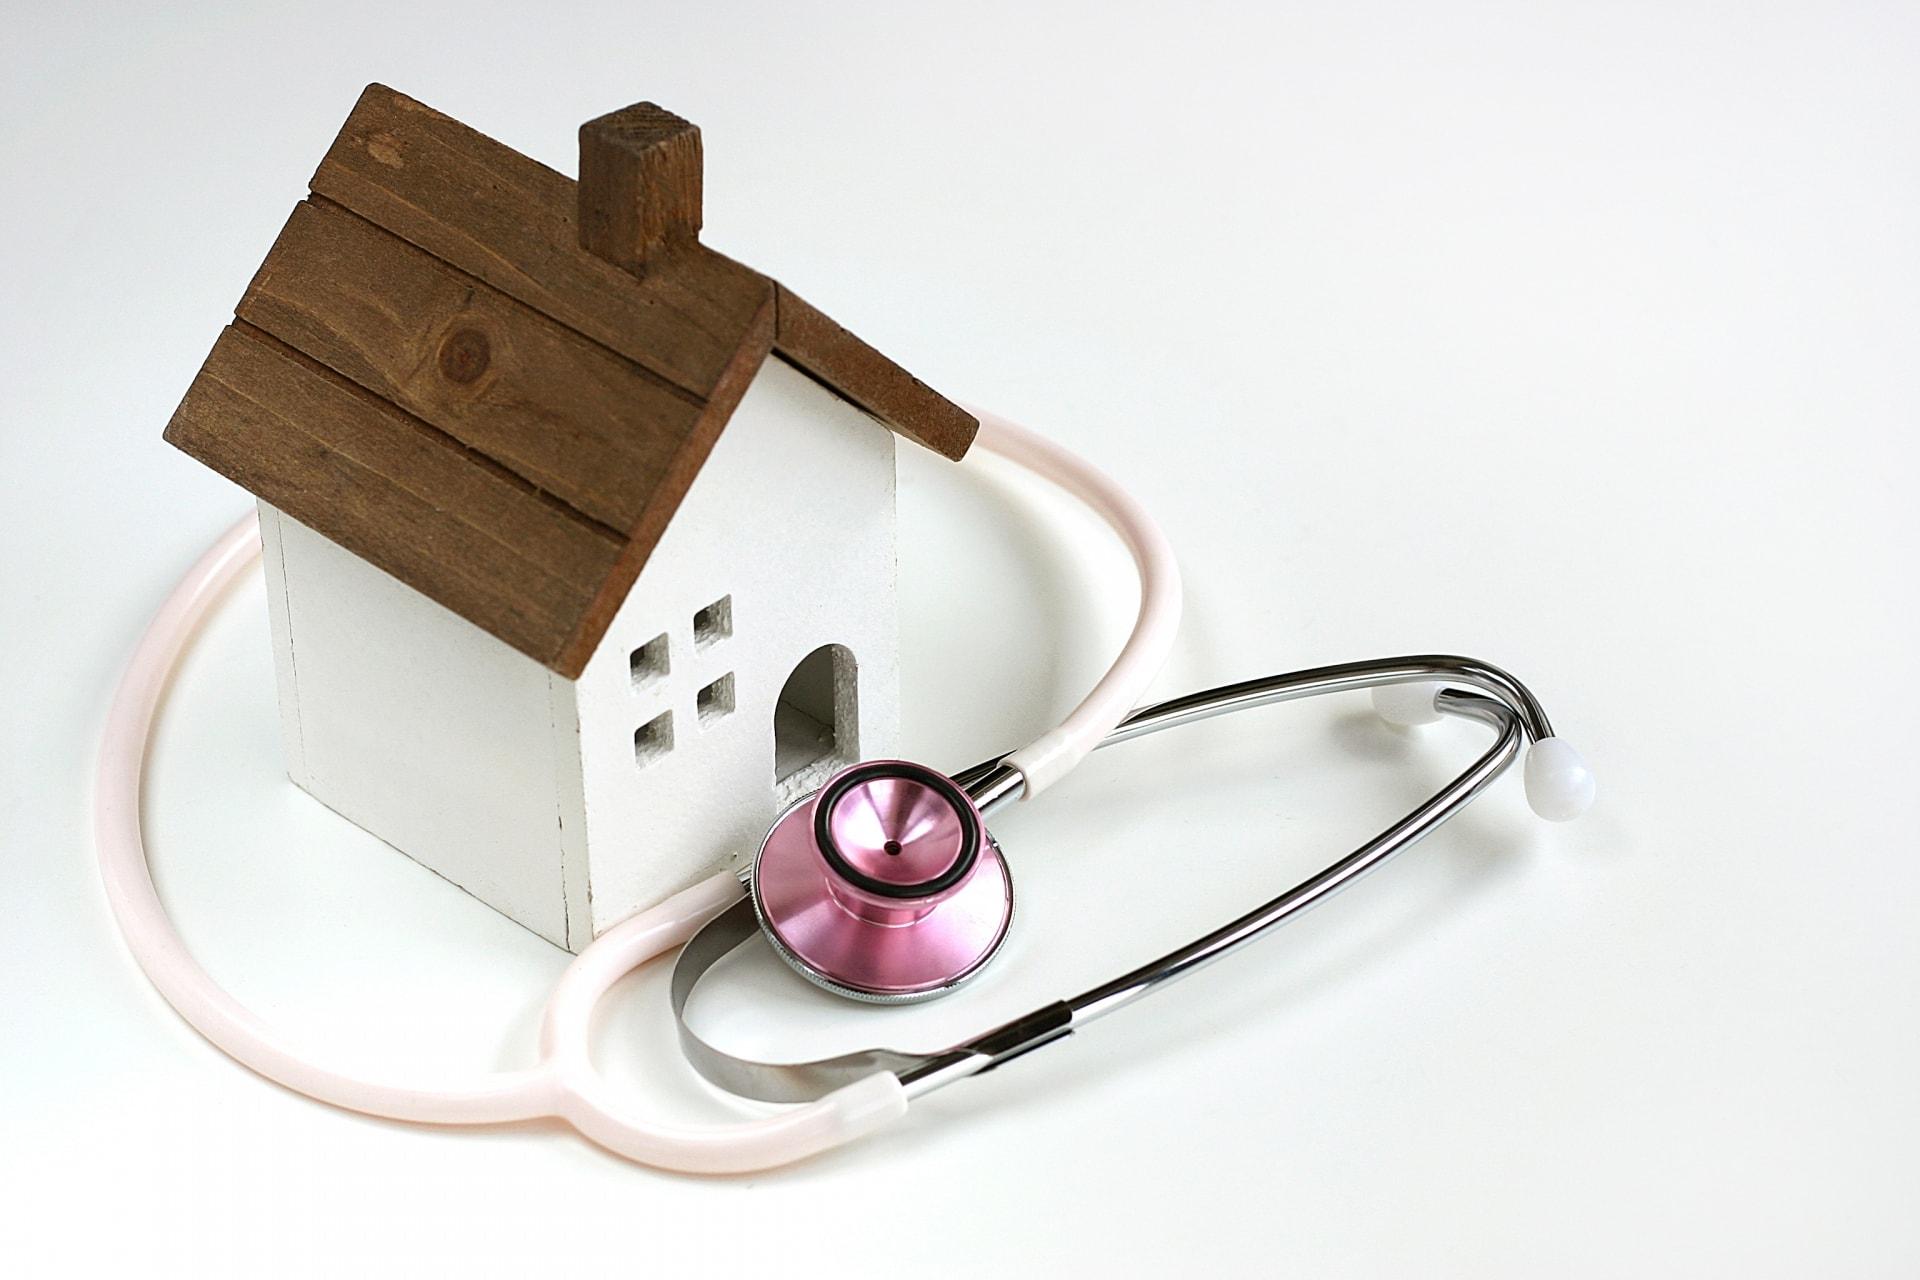 徹底比較!ホームインスペクション(住宅診断)を依頼する会社の選び方